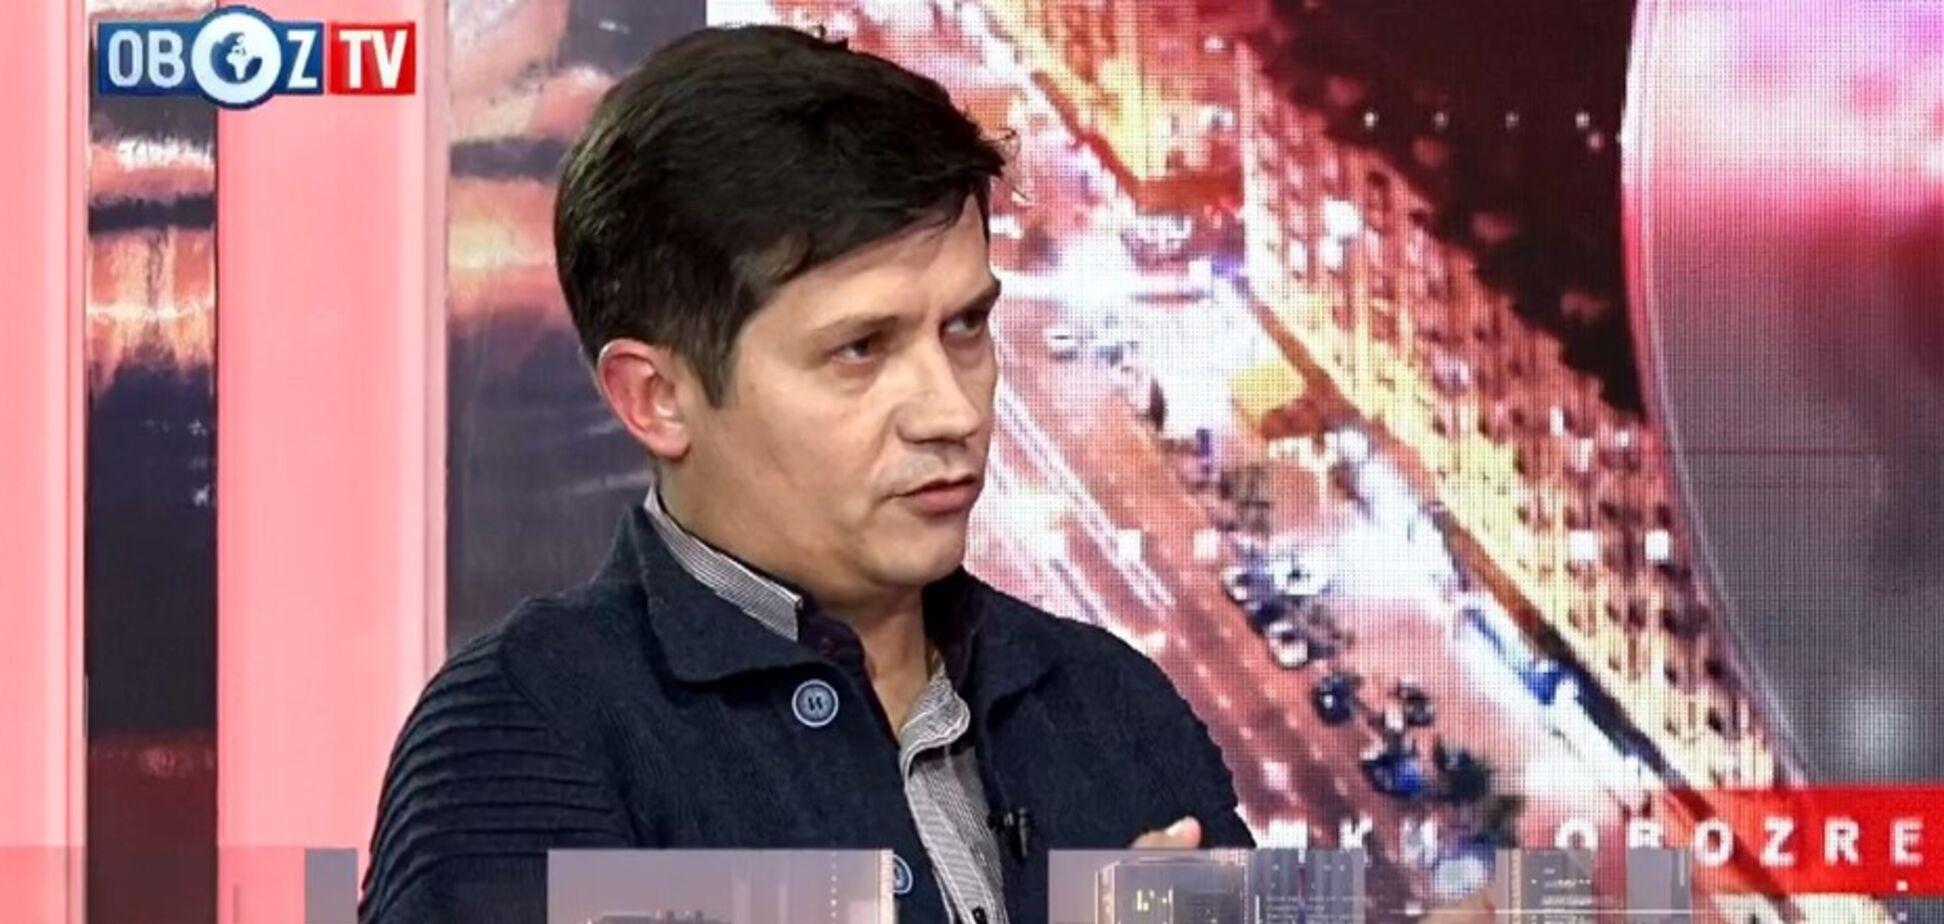 Применяется системная технология о забывании Крыма: исследователь экстримизма